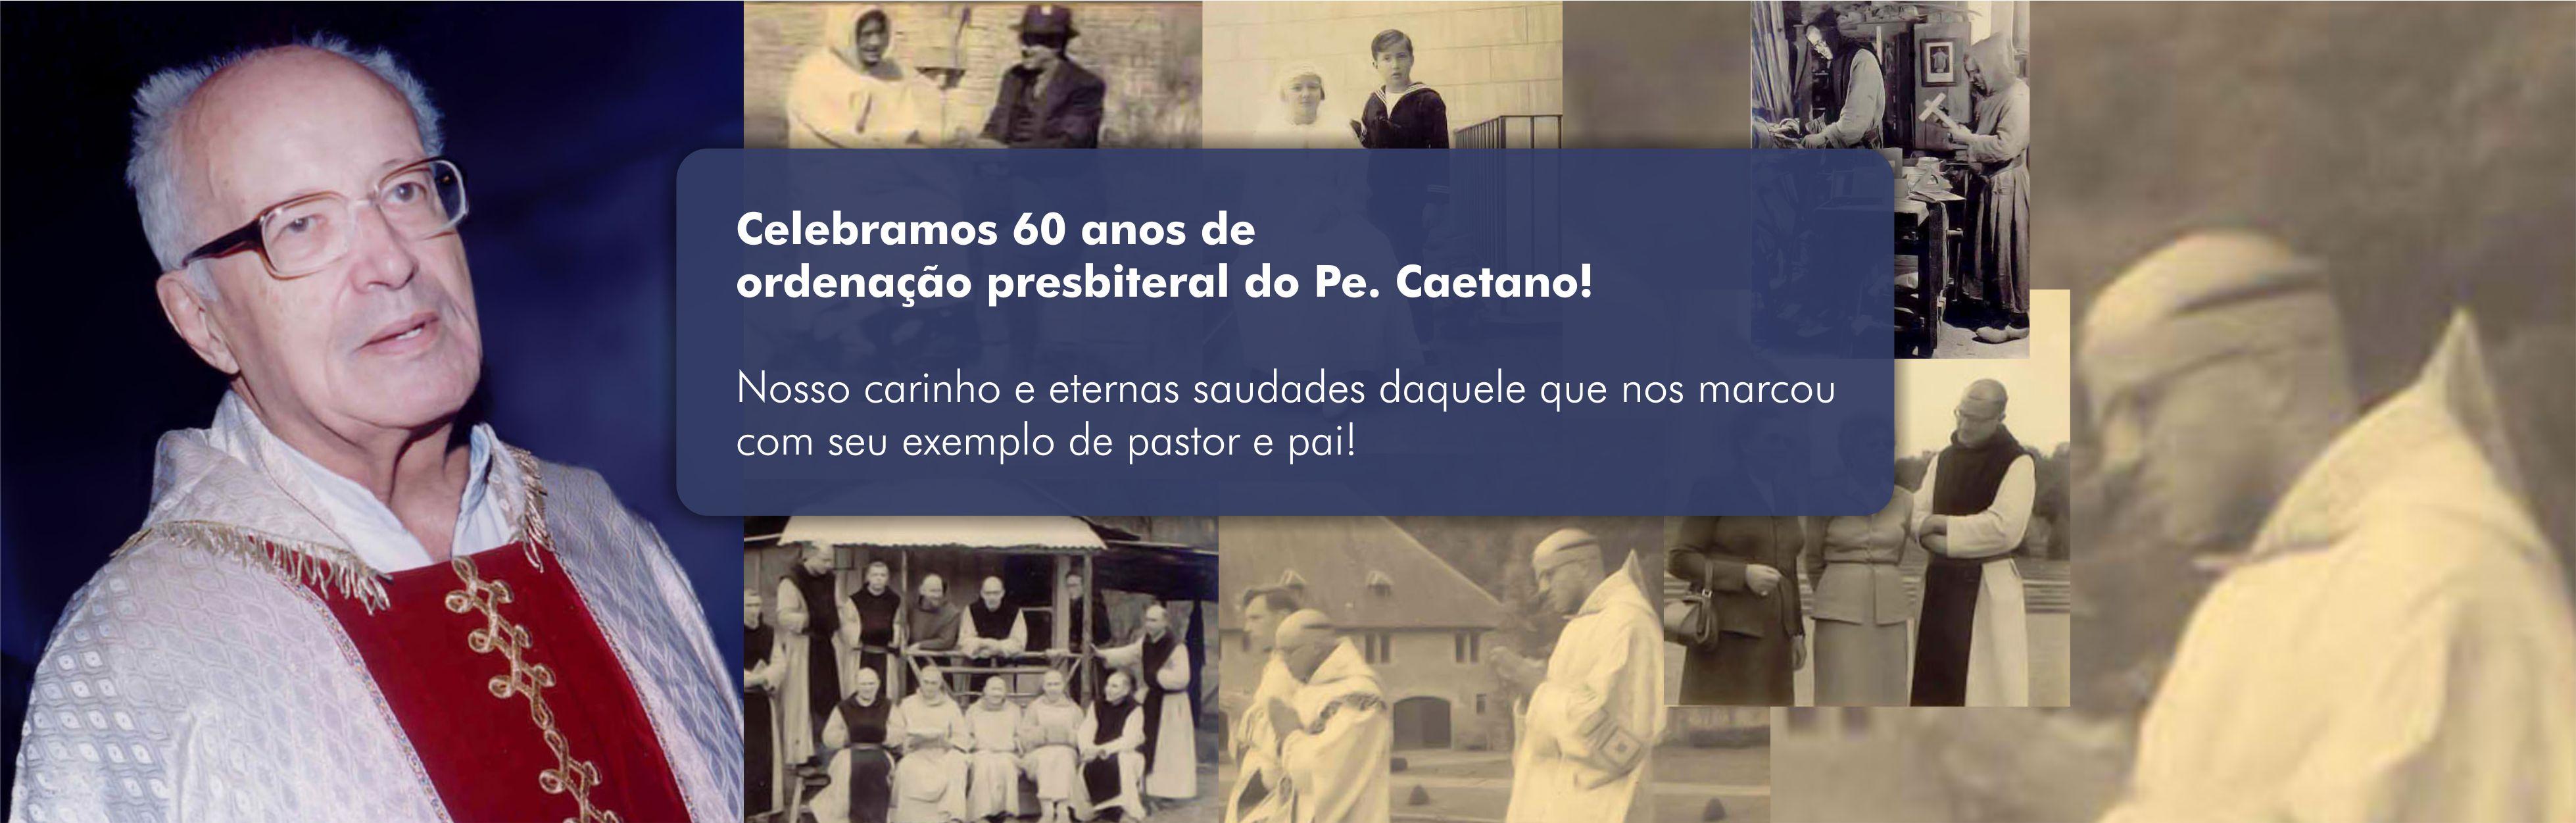 60 anos de ordenação